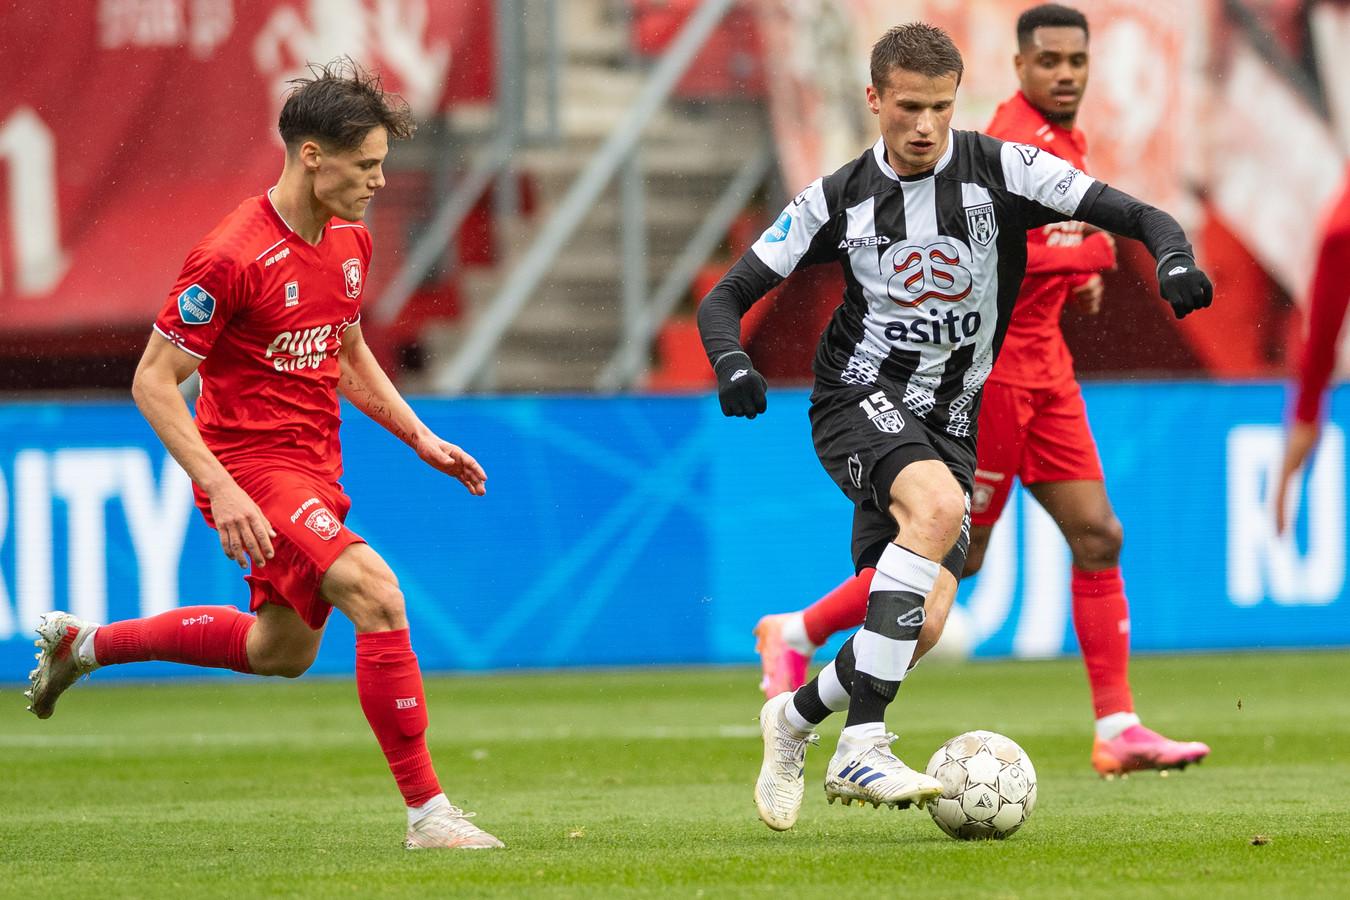 De eerste Twentse derby in het nieuwe seizoen is op vrijdag 5 november in Enschede.